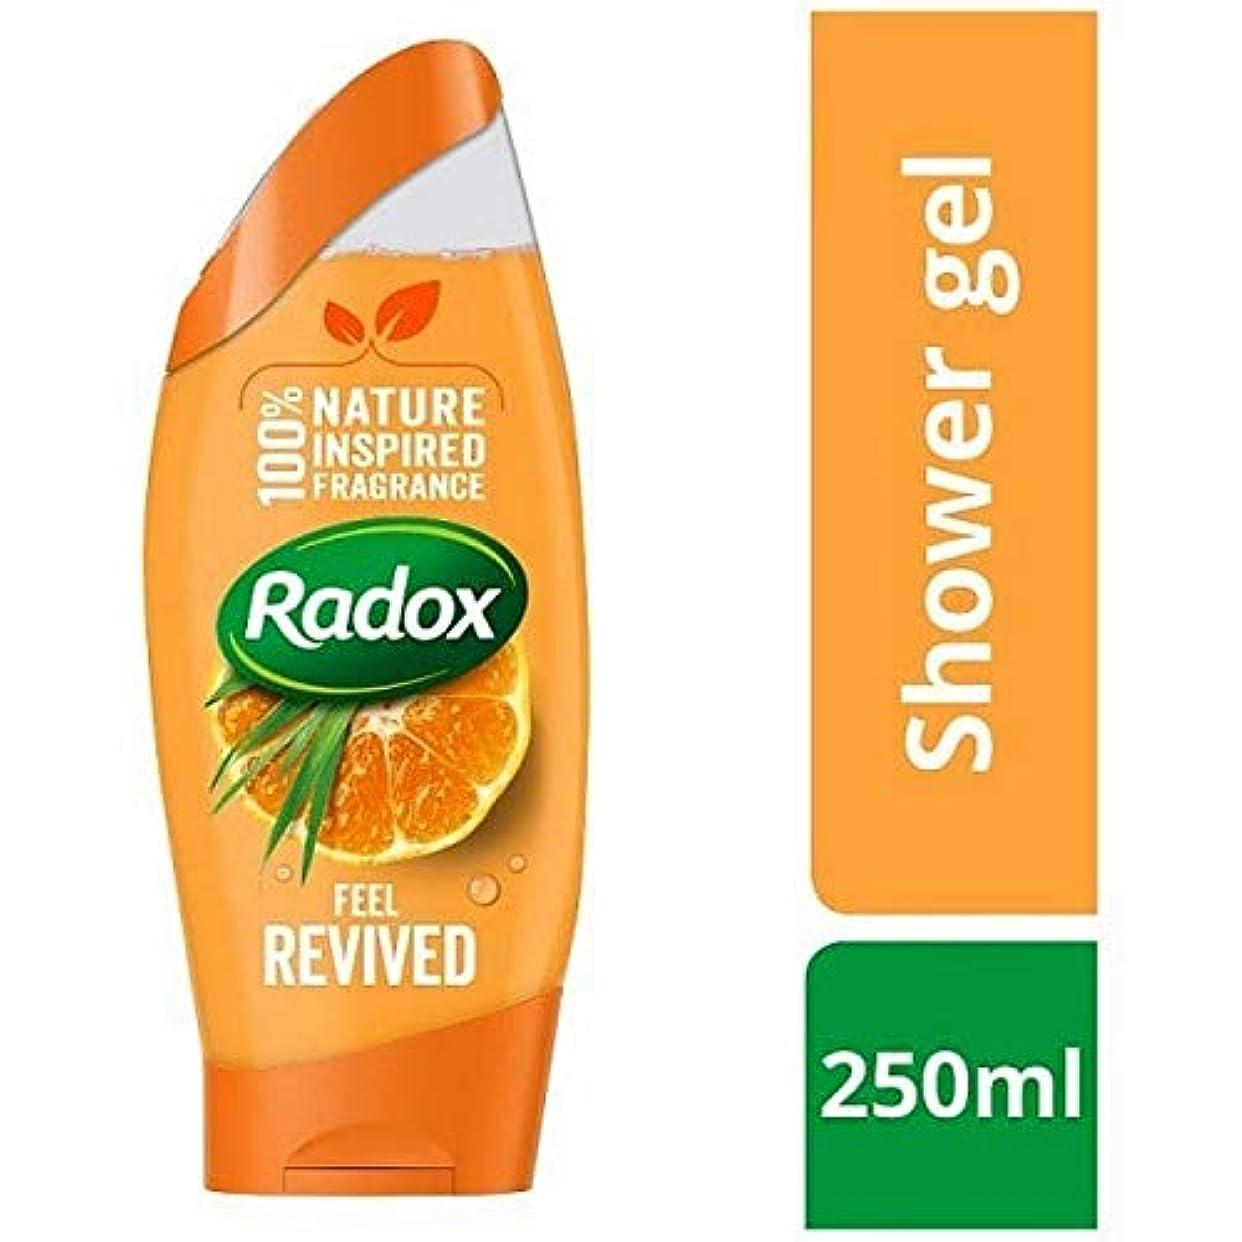 あからさま脚本デコレーション[Radox] Radox感触復活シャワージェル250ミリリットル - Radox Feel Revived Shower Gel 250ml [並行輸入品]